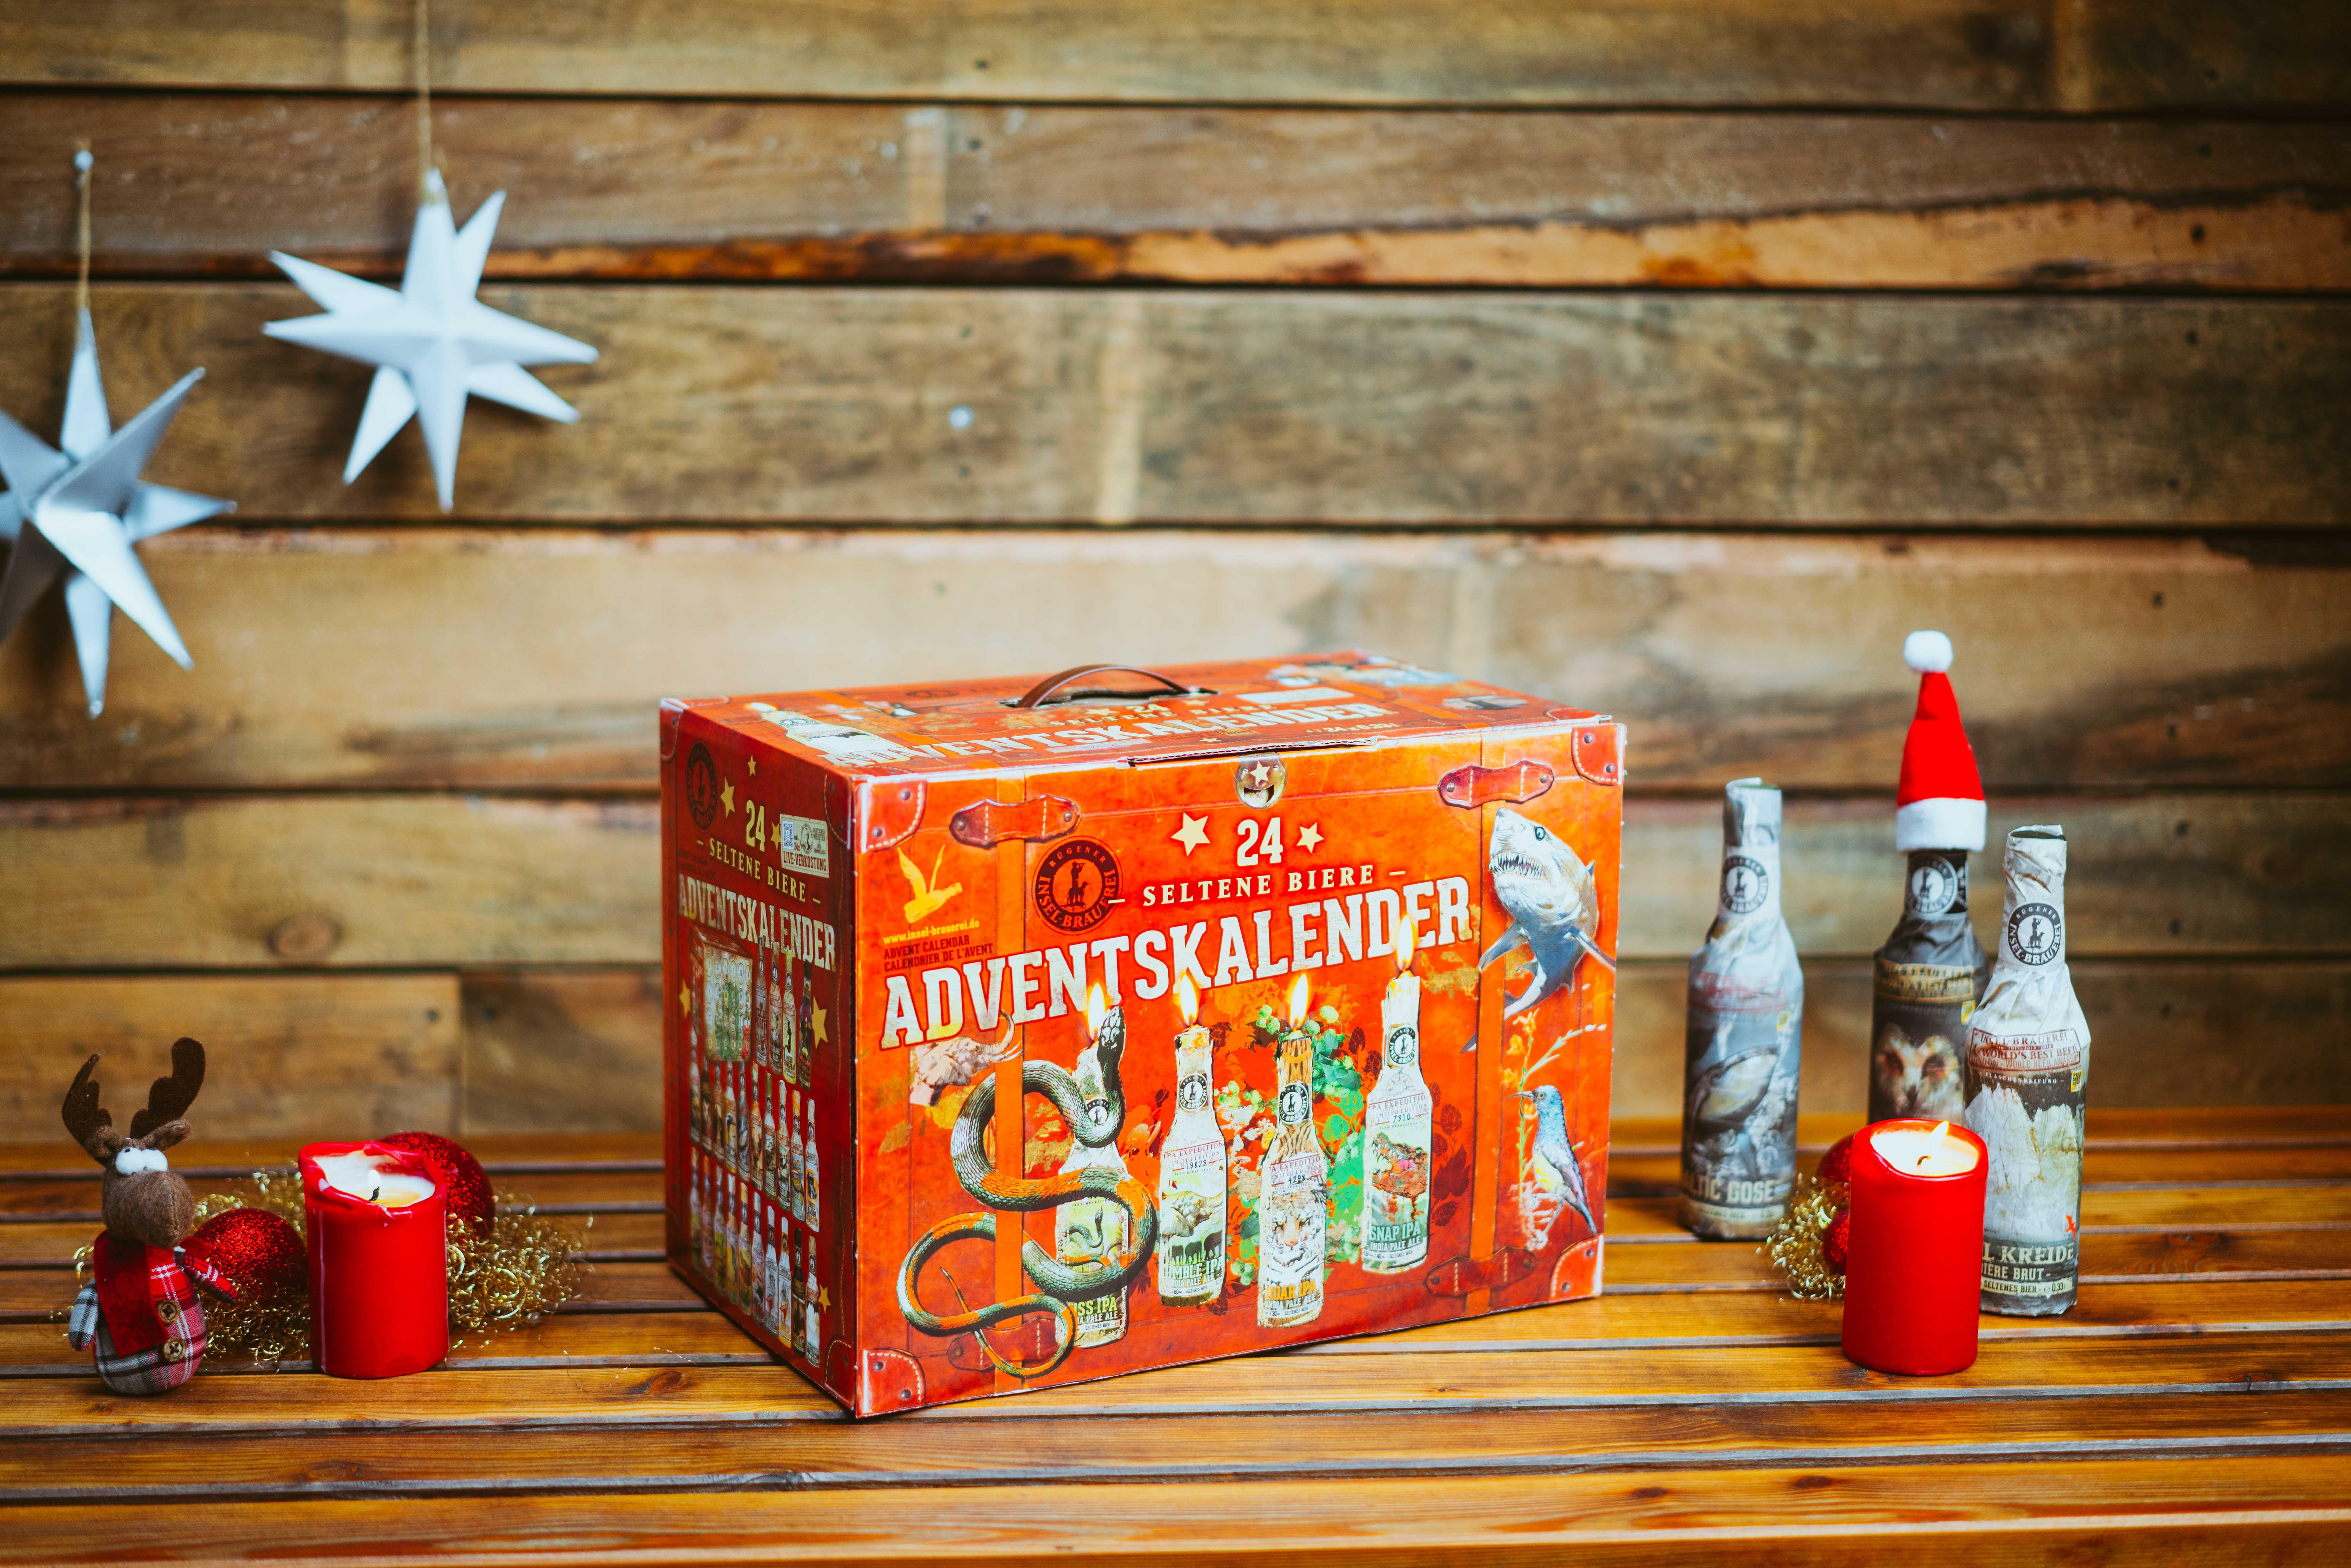 Adventskalender Insel-Brauerei